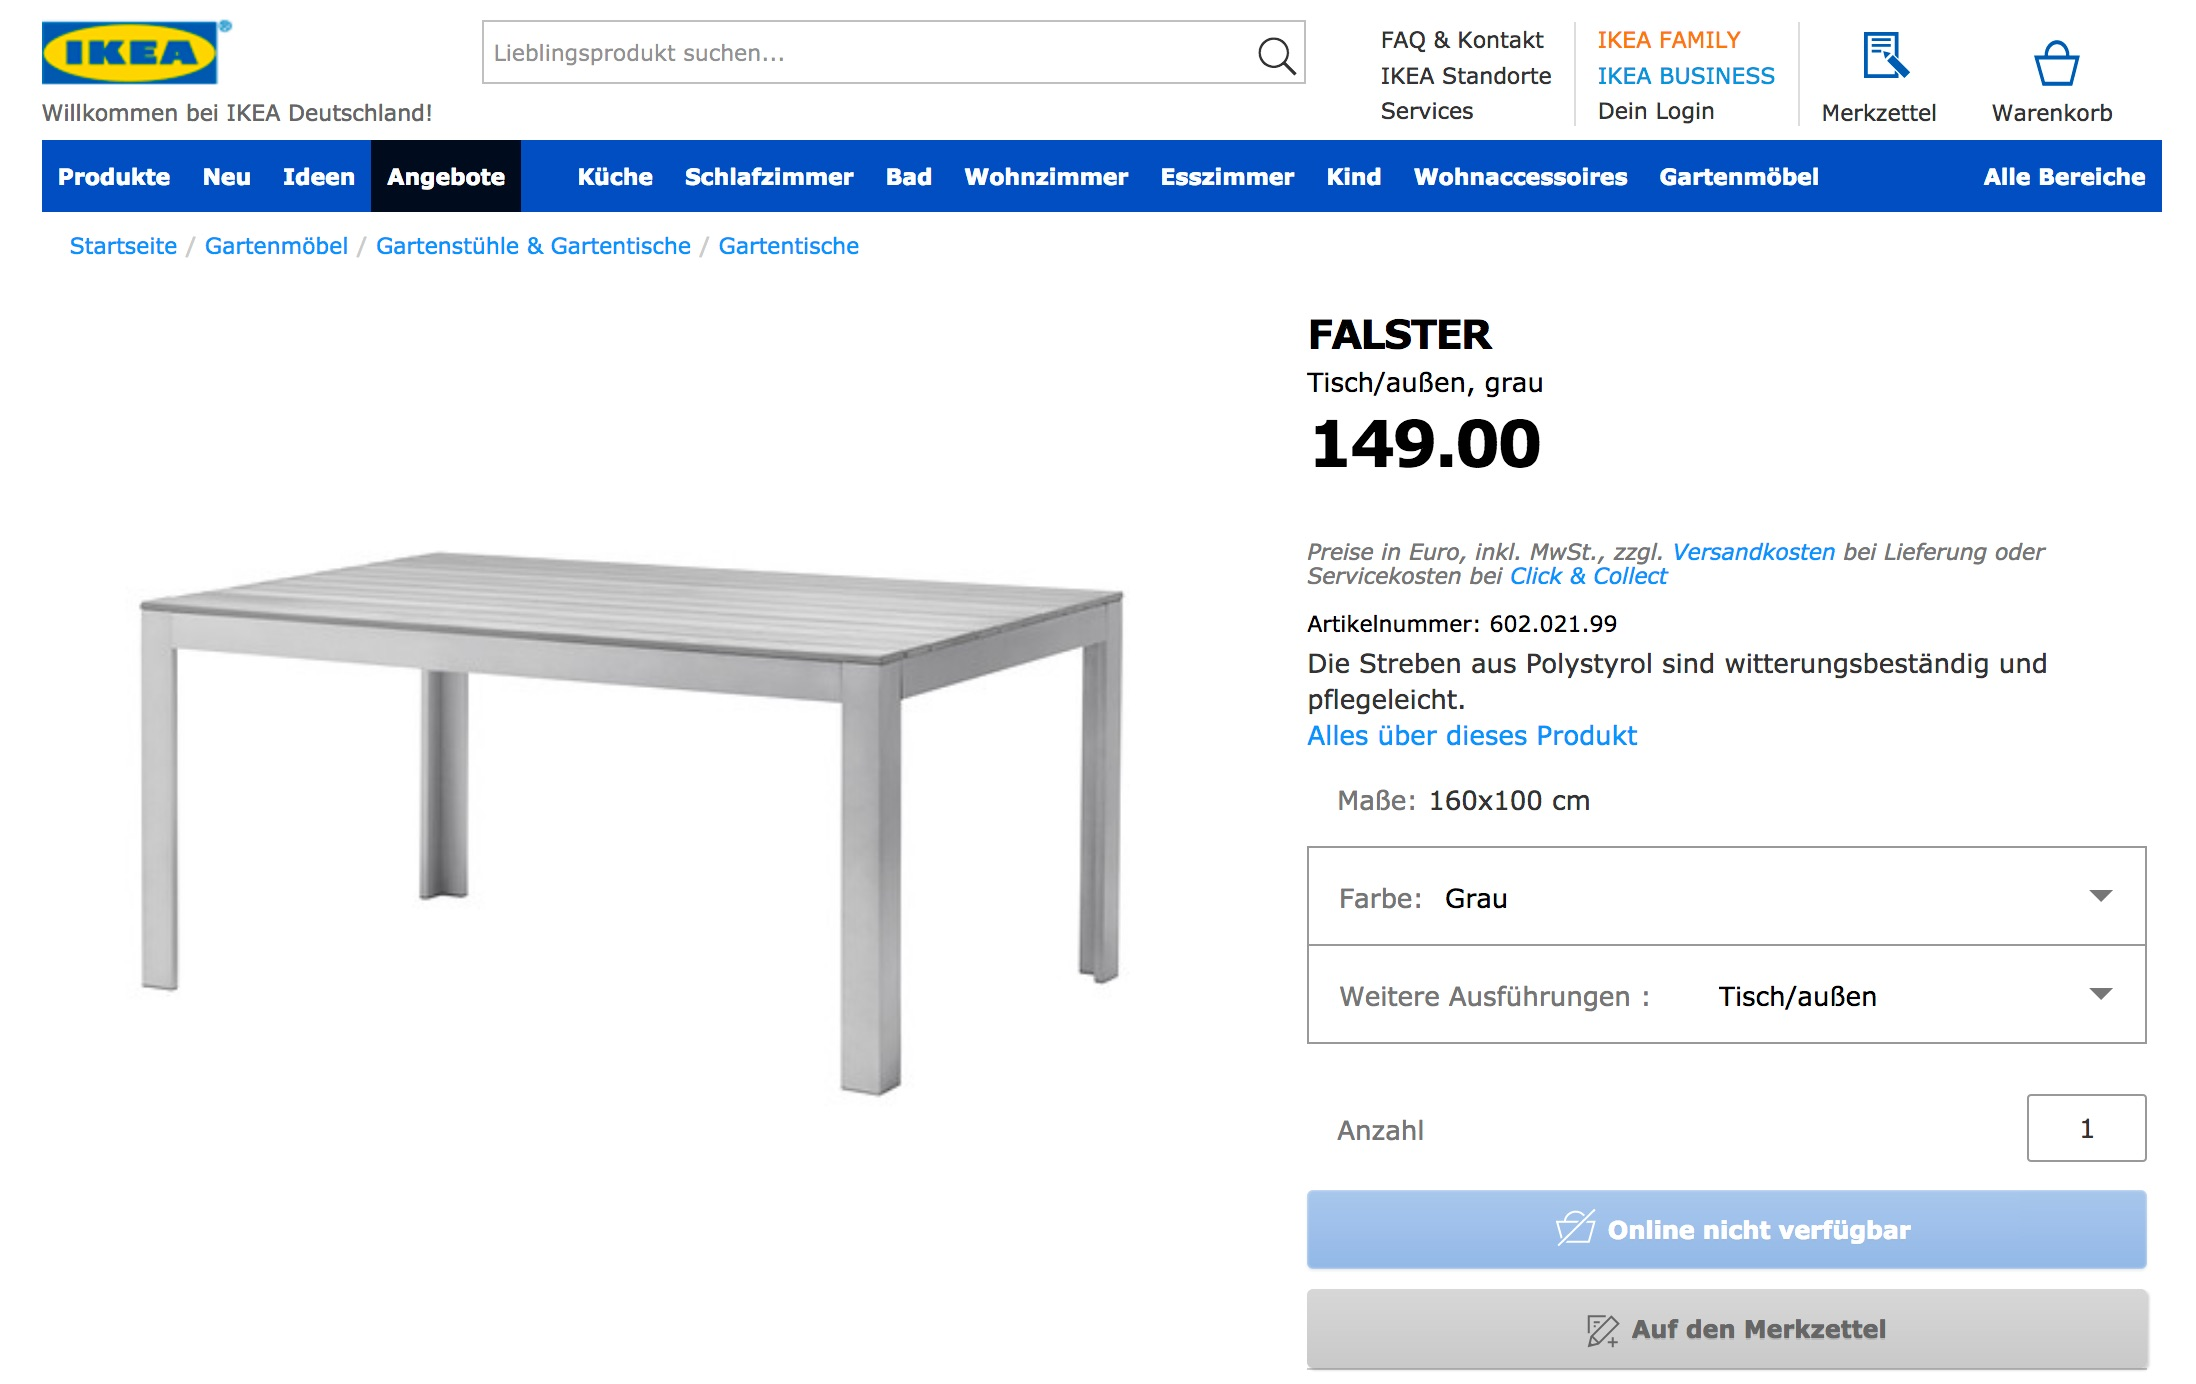 FALSTER_Tisch_außen